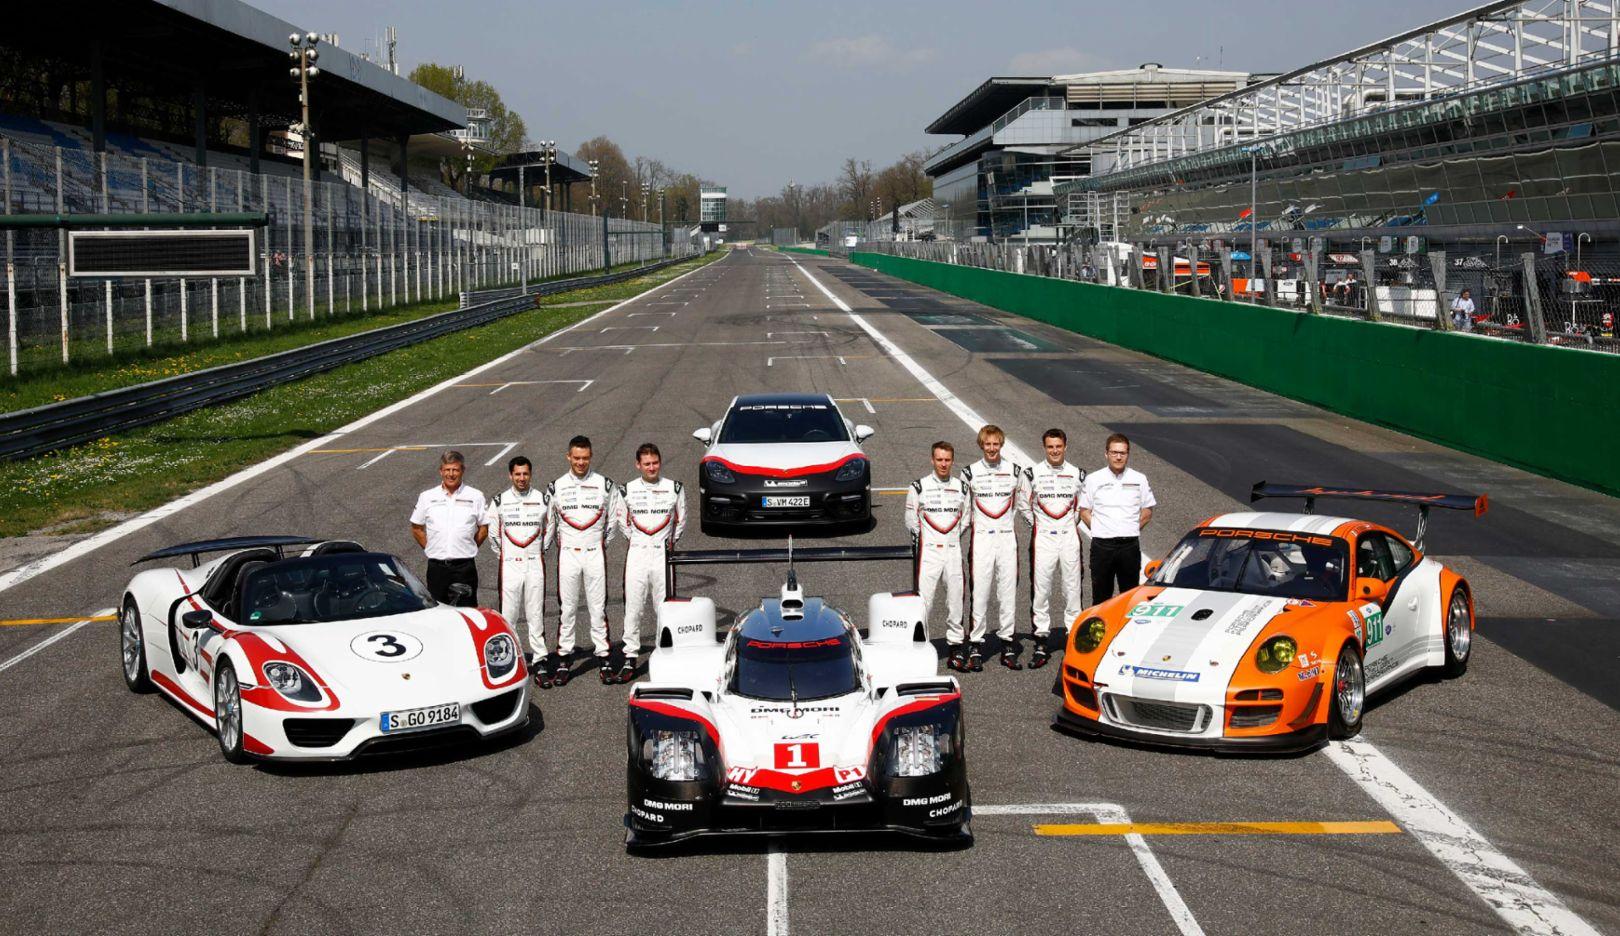 Vorstellung Porsche 919 Hybrid, Fahrer und Management Porsche LMP Team, Porsche 918 Spyder, 911 GT3 R Hybrid, Panamera Turbo S E-Hybrid (hinten), Monza, Porsche AG